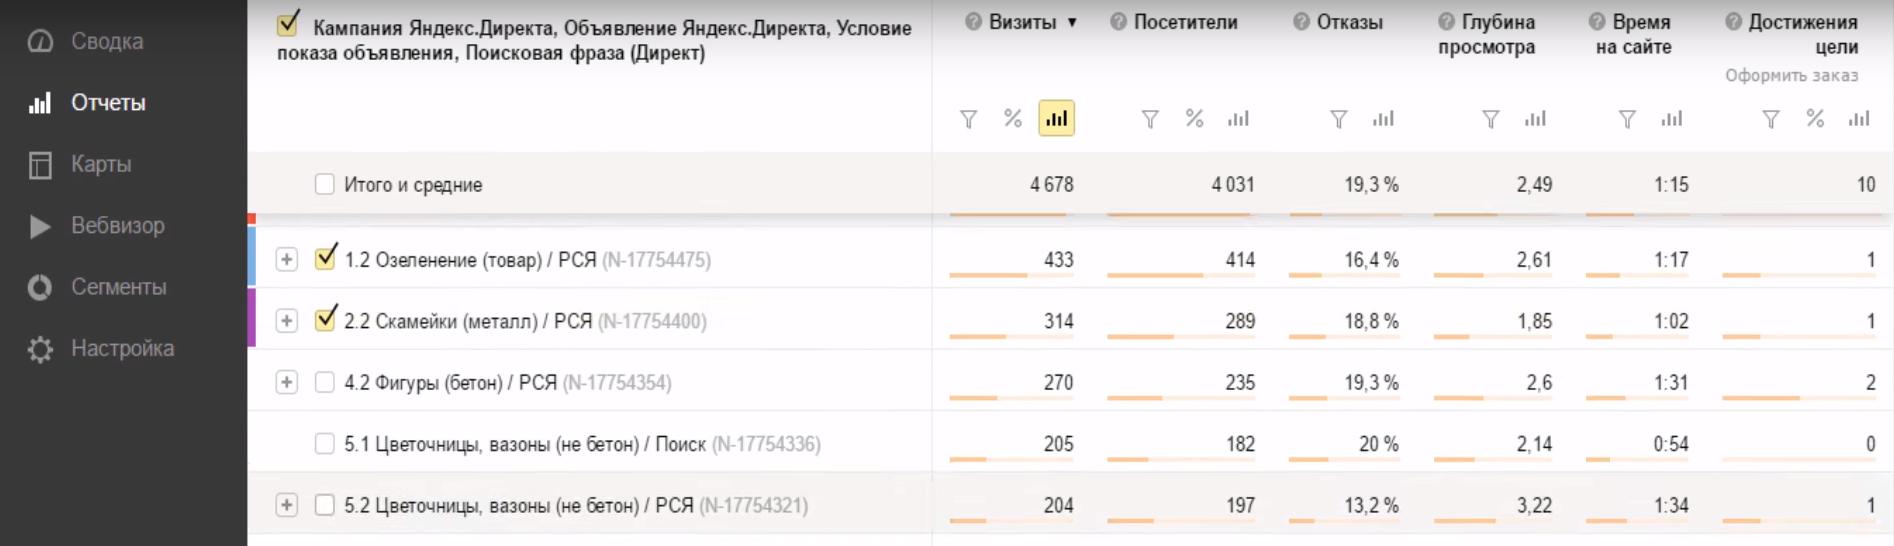 Отчет «Яндекс.Директ Сводка»